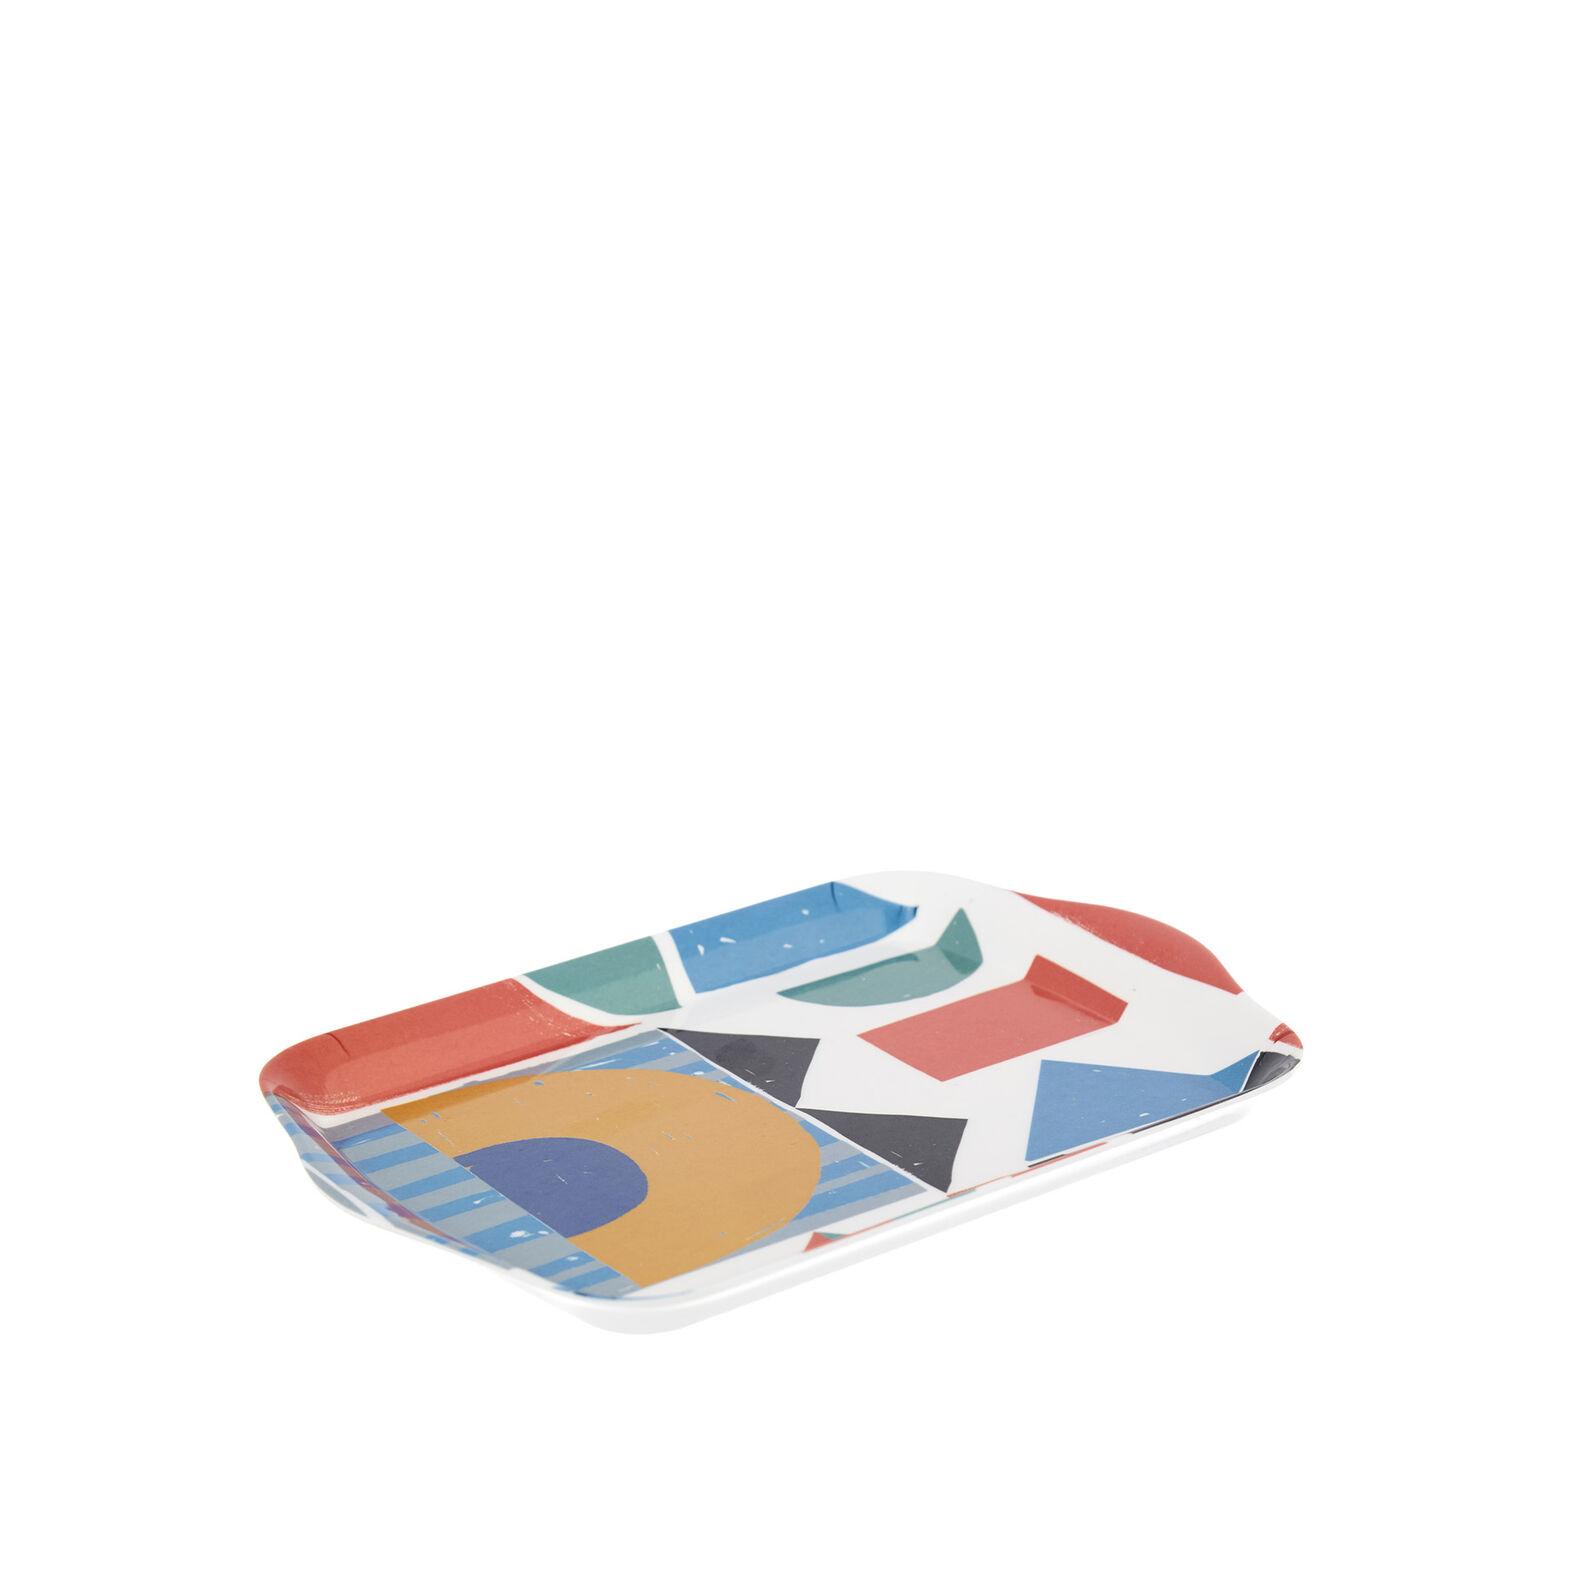 Melamine tray with Bauhaus motif